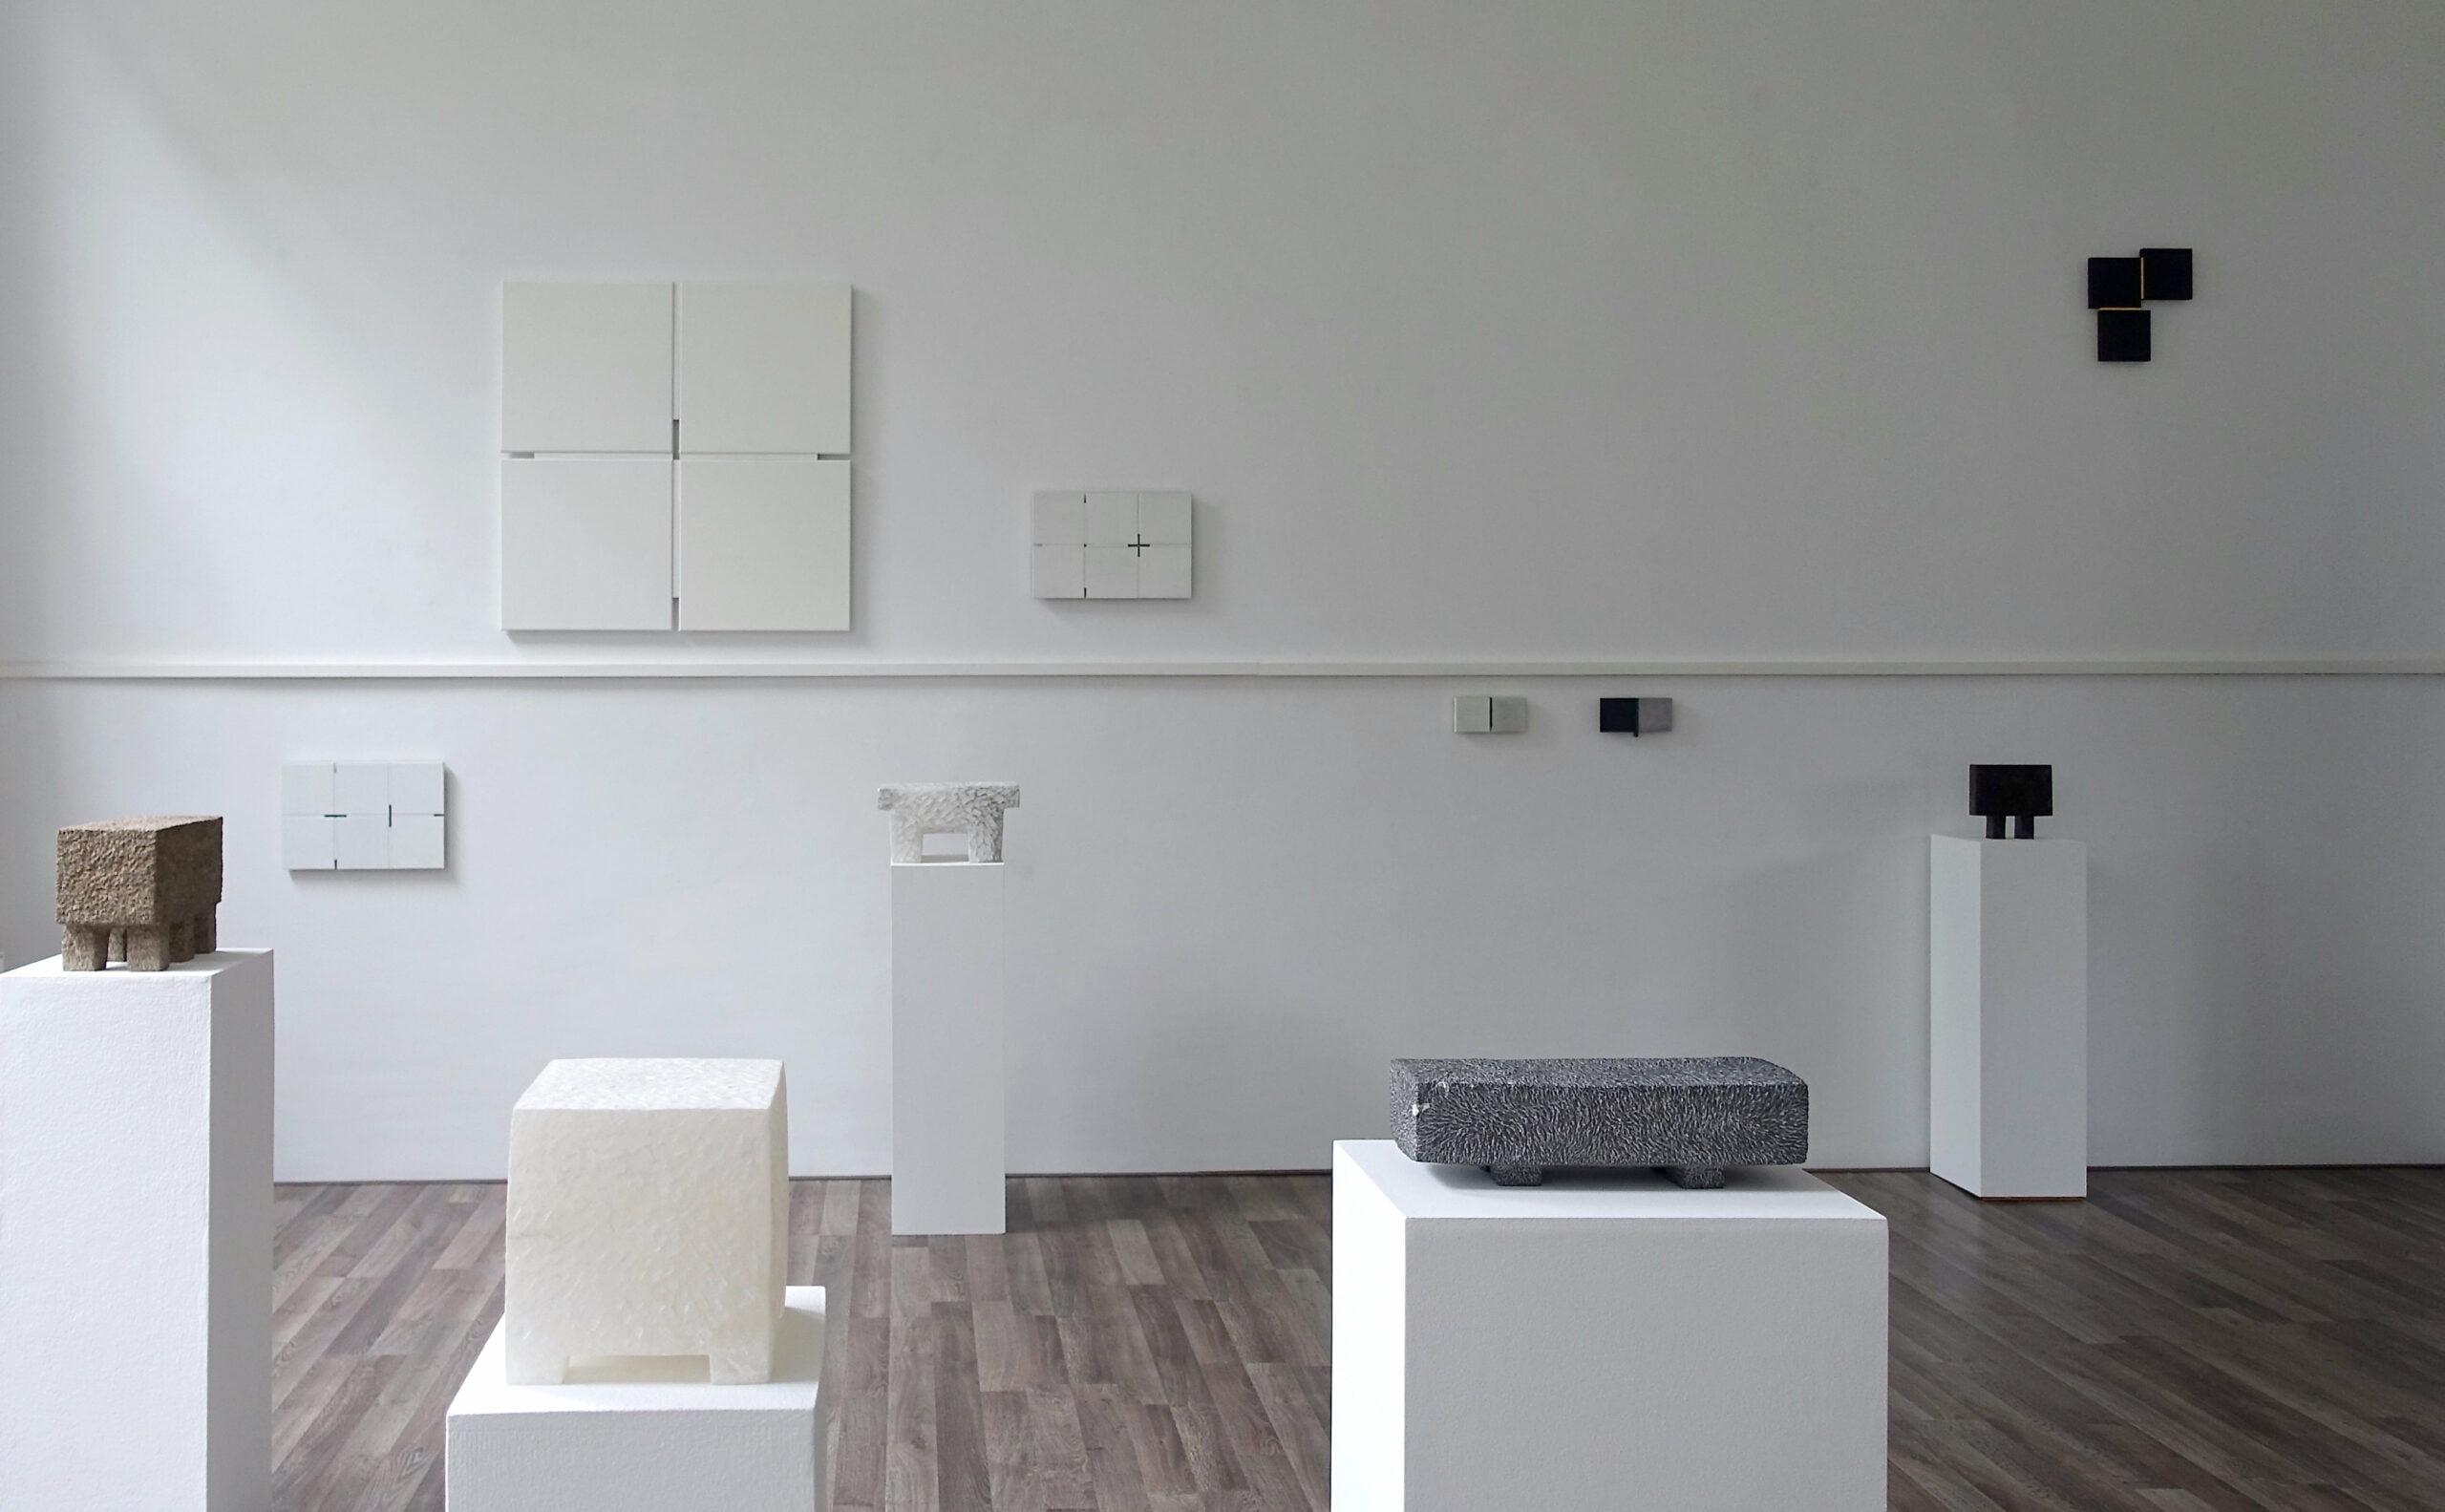 Duo-Tineke-Porck-Ada-van-Wonderen-Kunstlokaal-No8